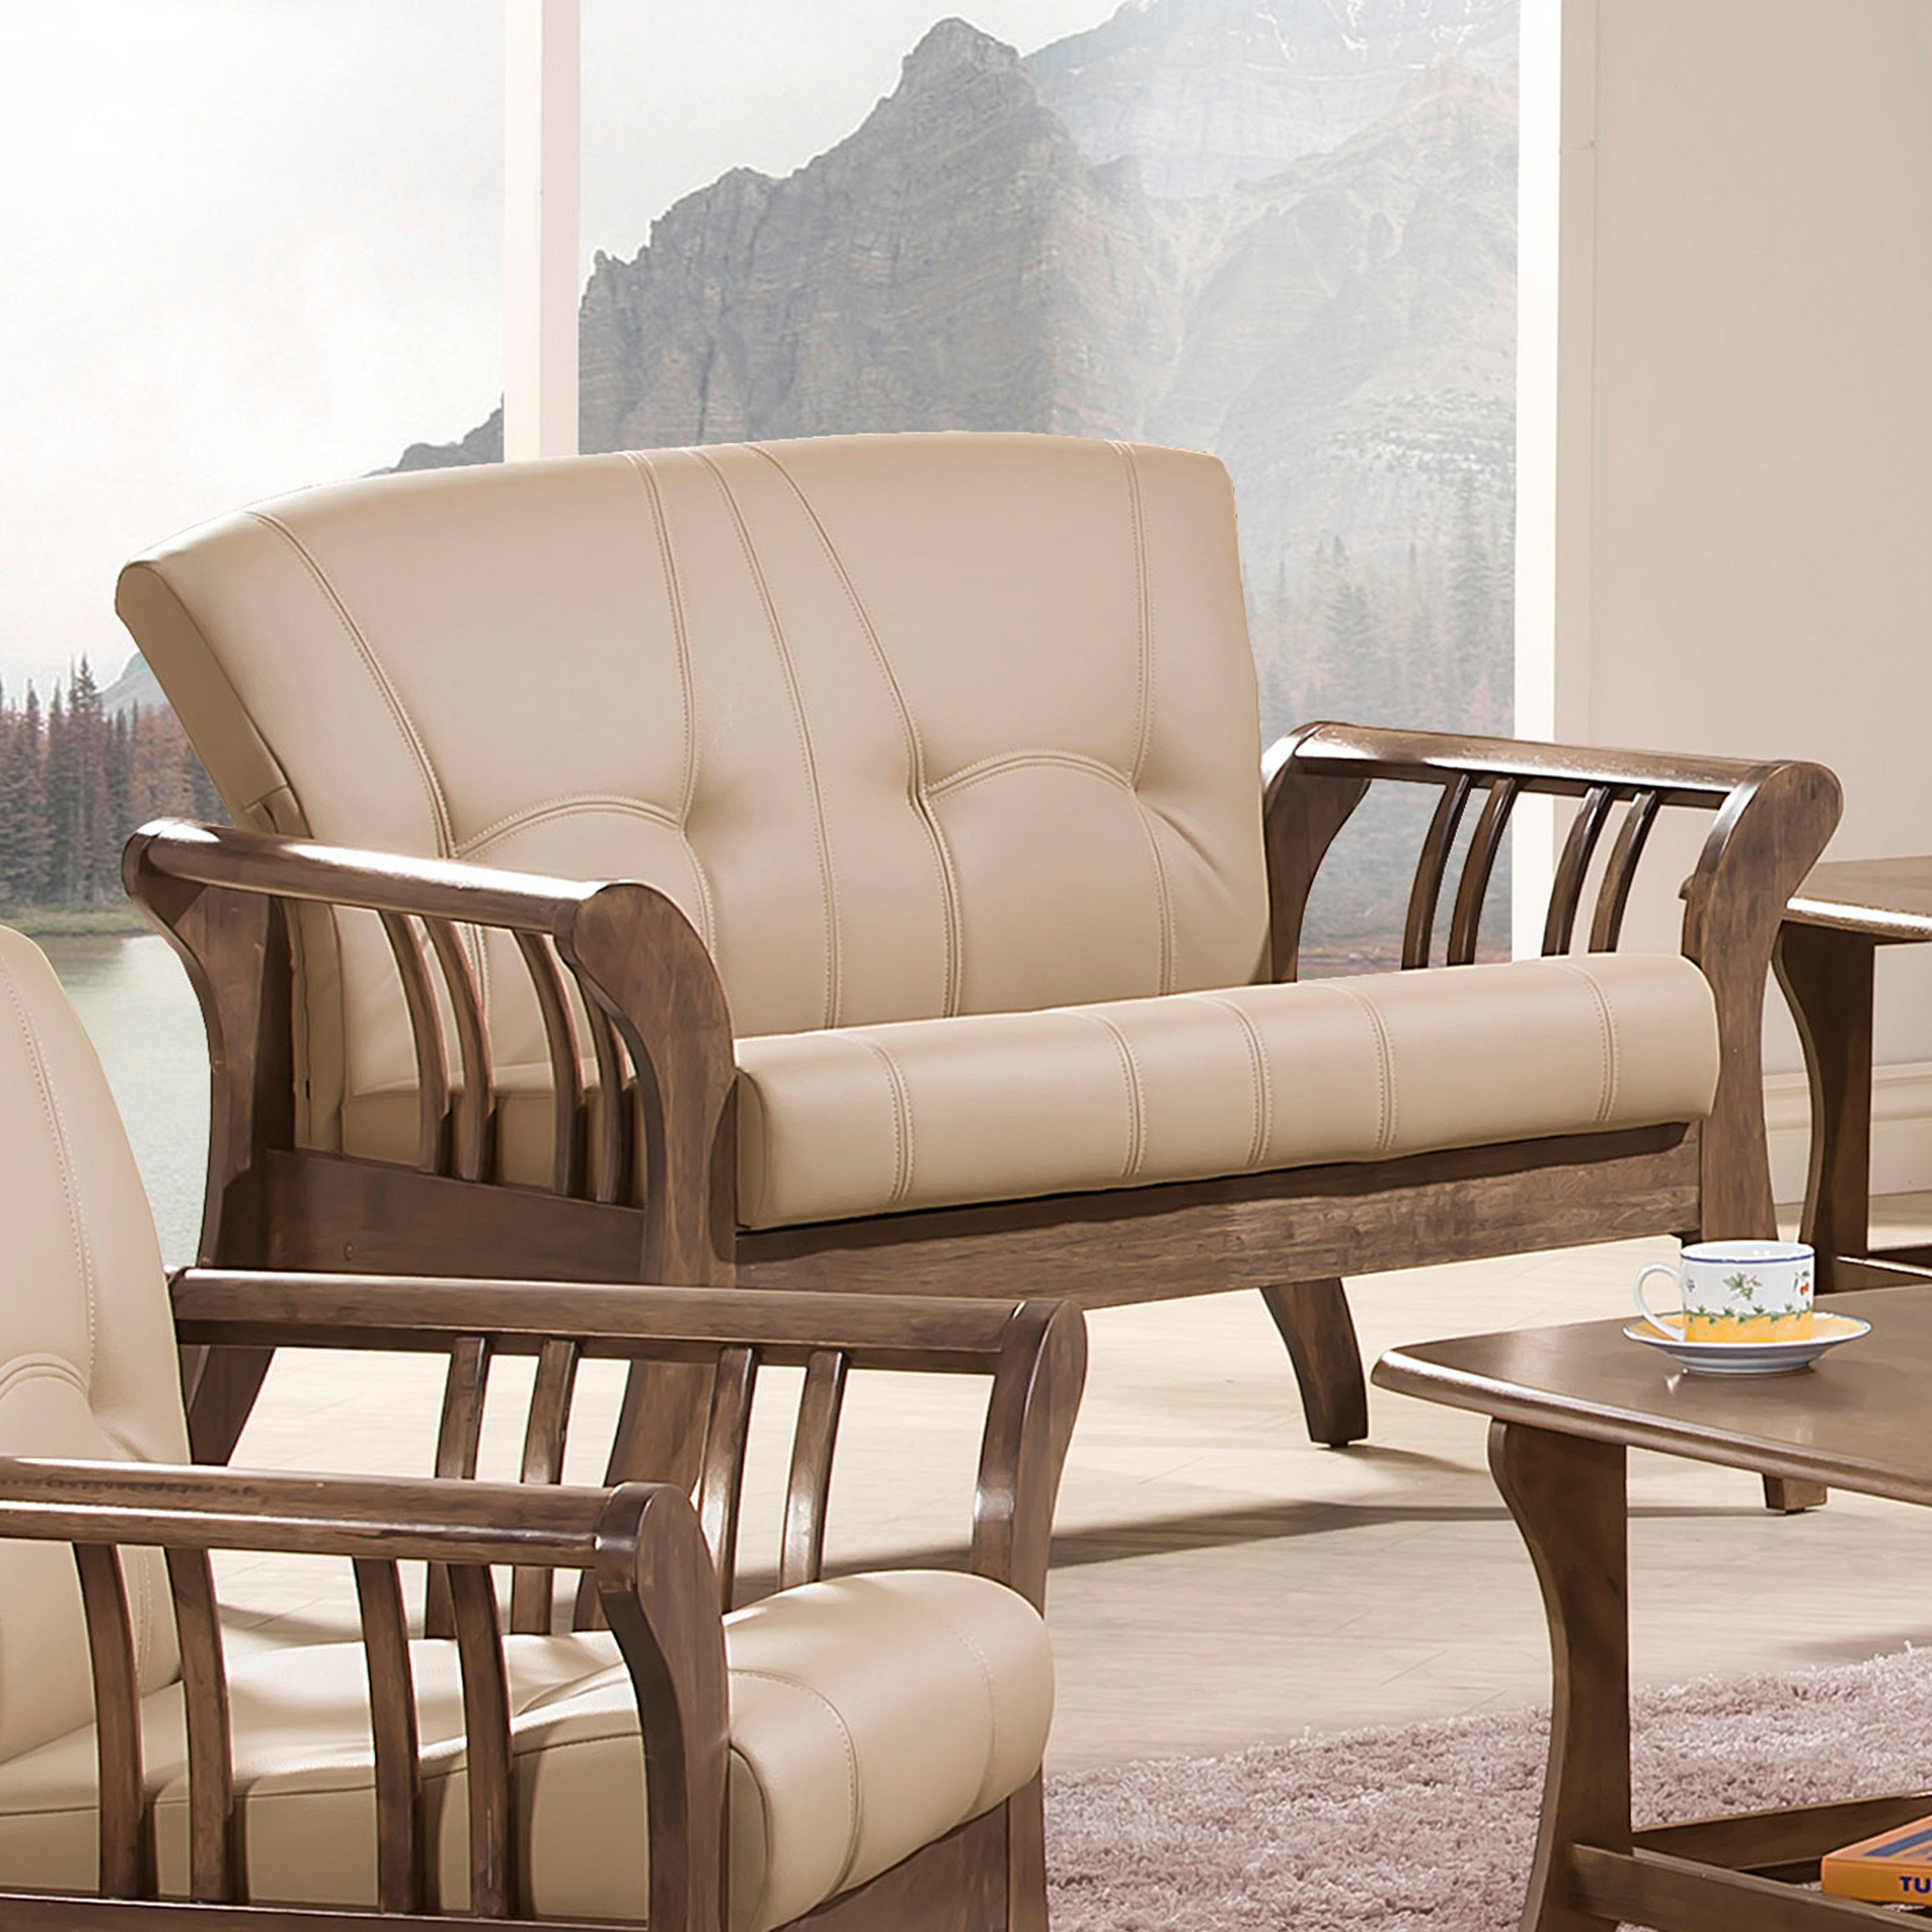 《伊豆》(促銷免運)黑色 二人沙發 全實木 二人位沙發 二人座 皮沙發 木製沙發 工廠直營 辦公沙發 組椅 !新生活家具! 樂天雙12